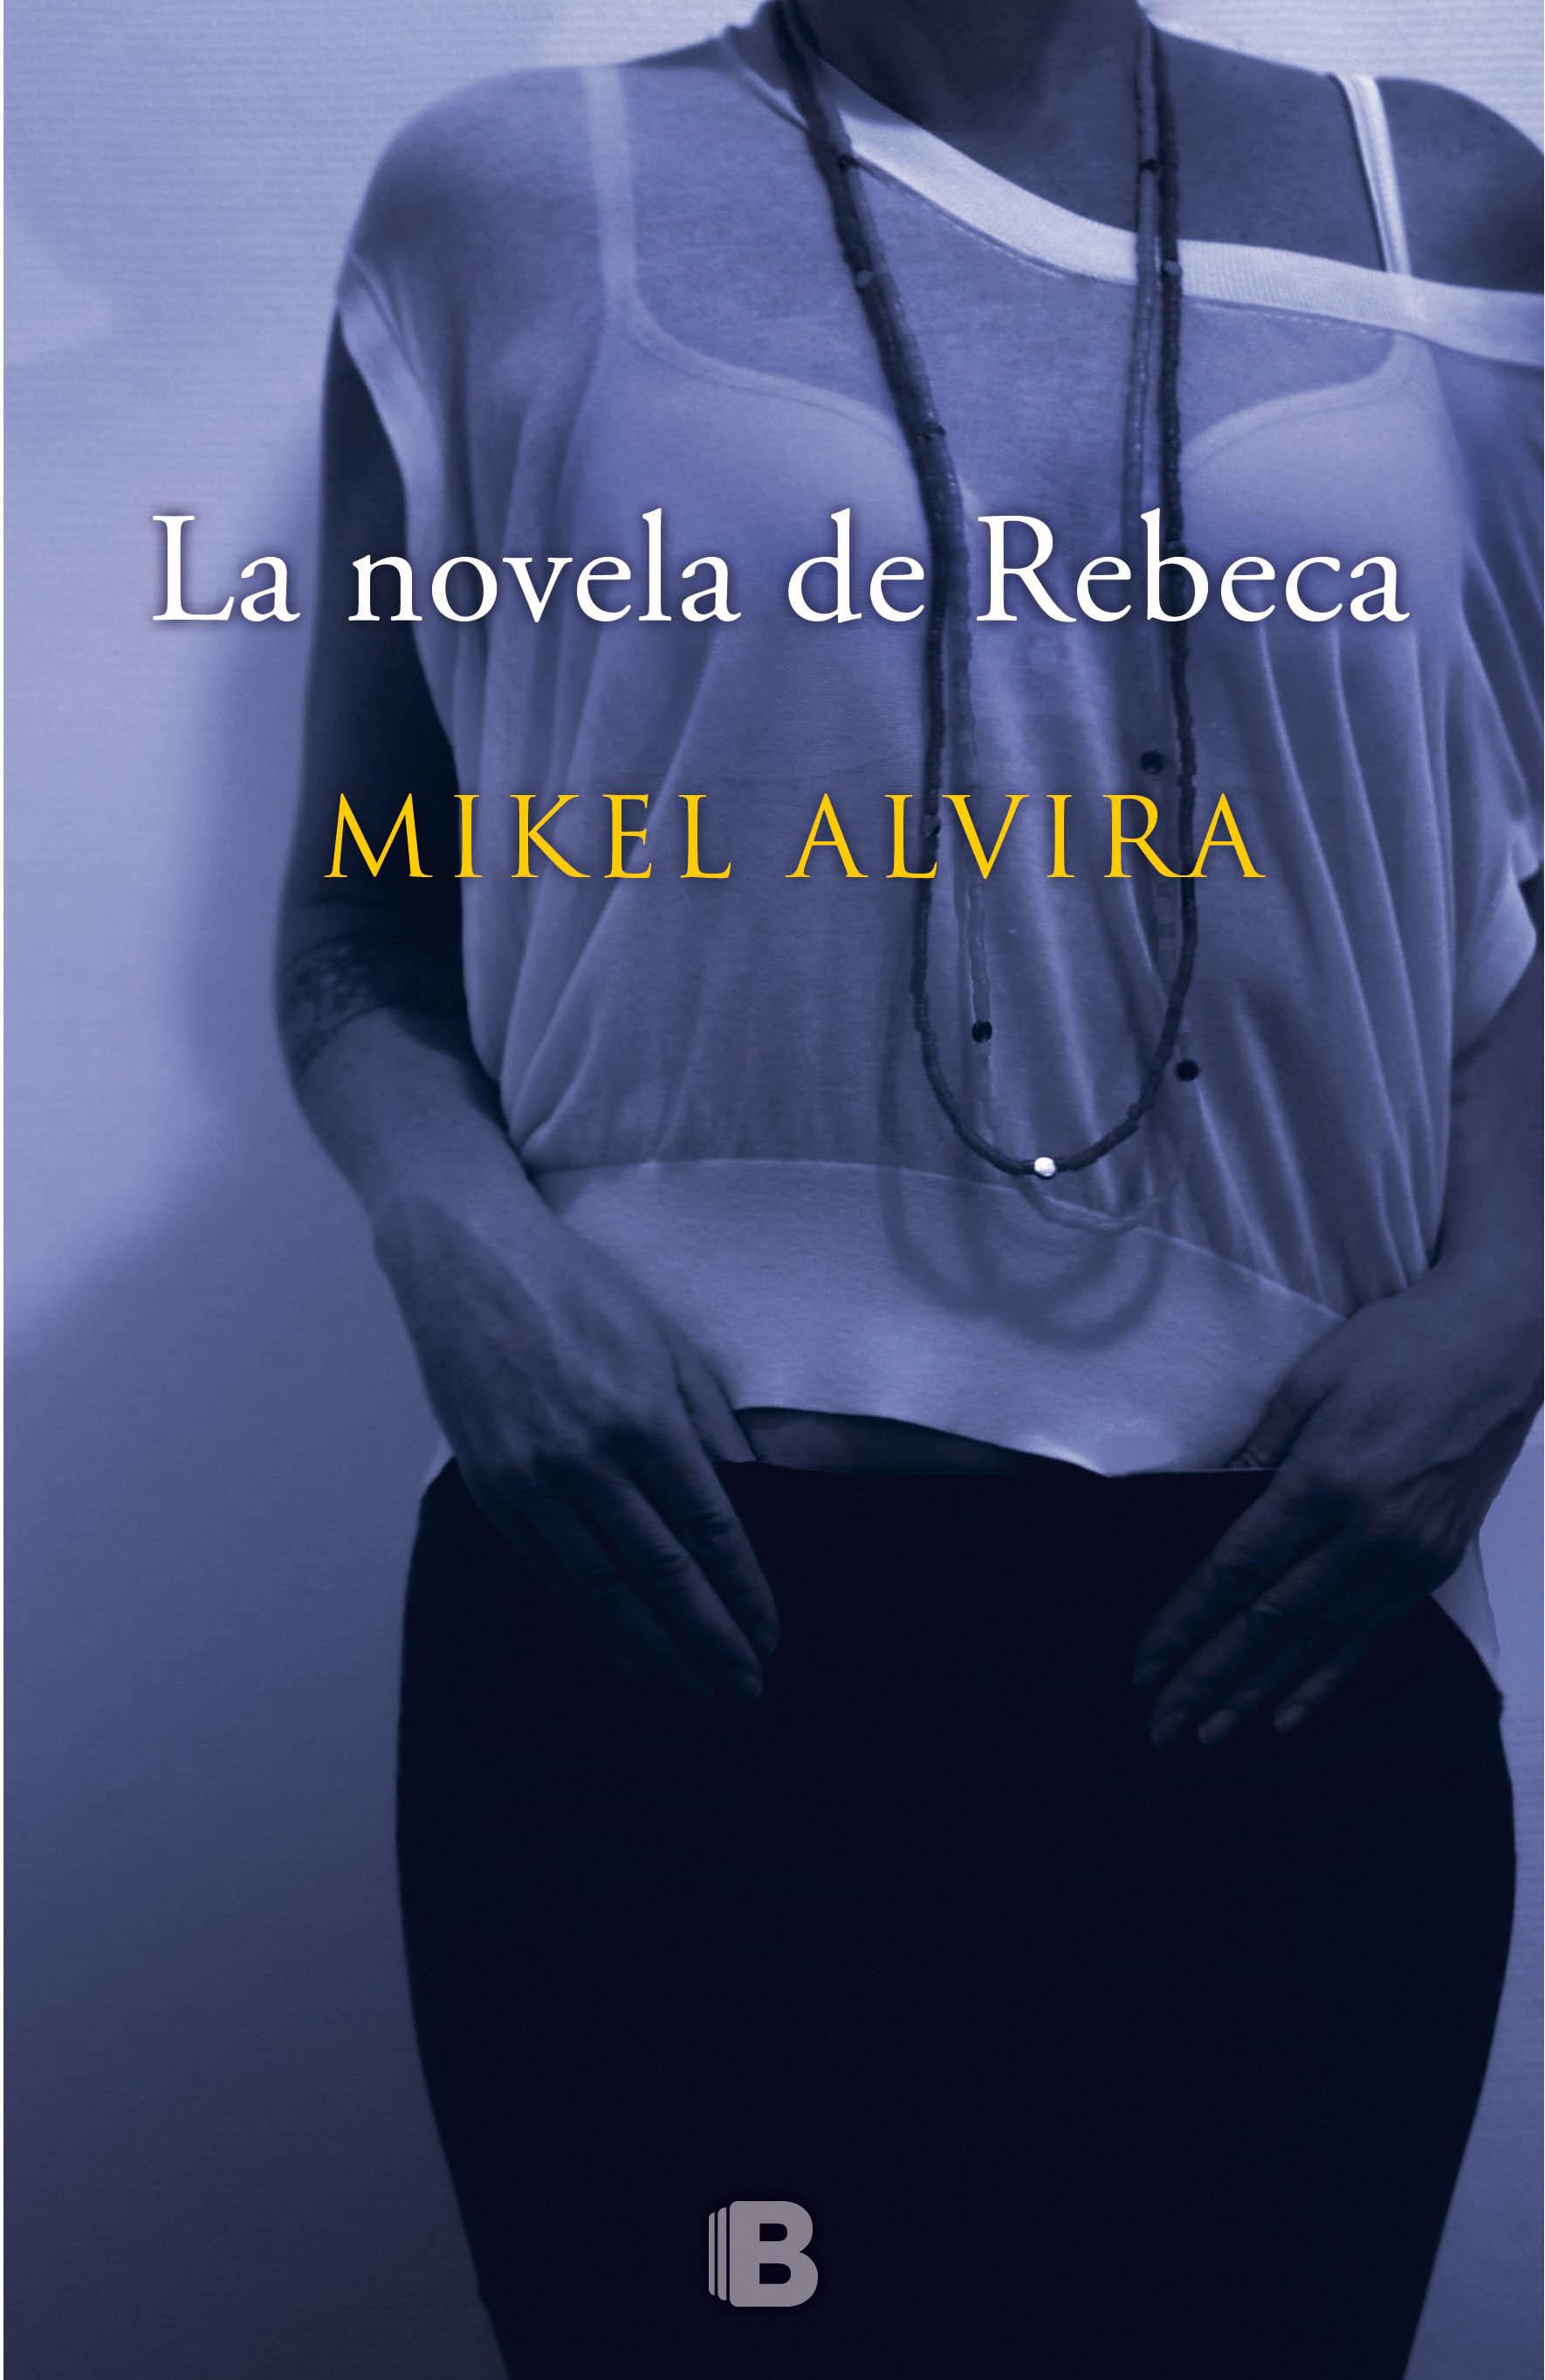 La novela de Rebeca de Mikel Alvira Portada